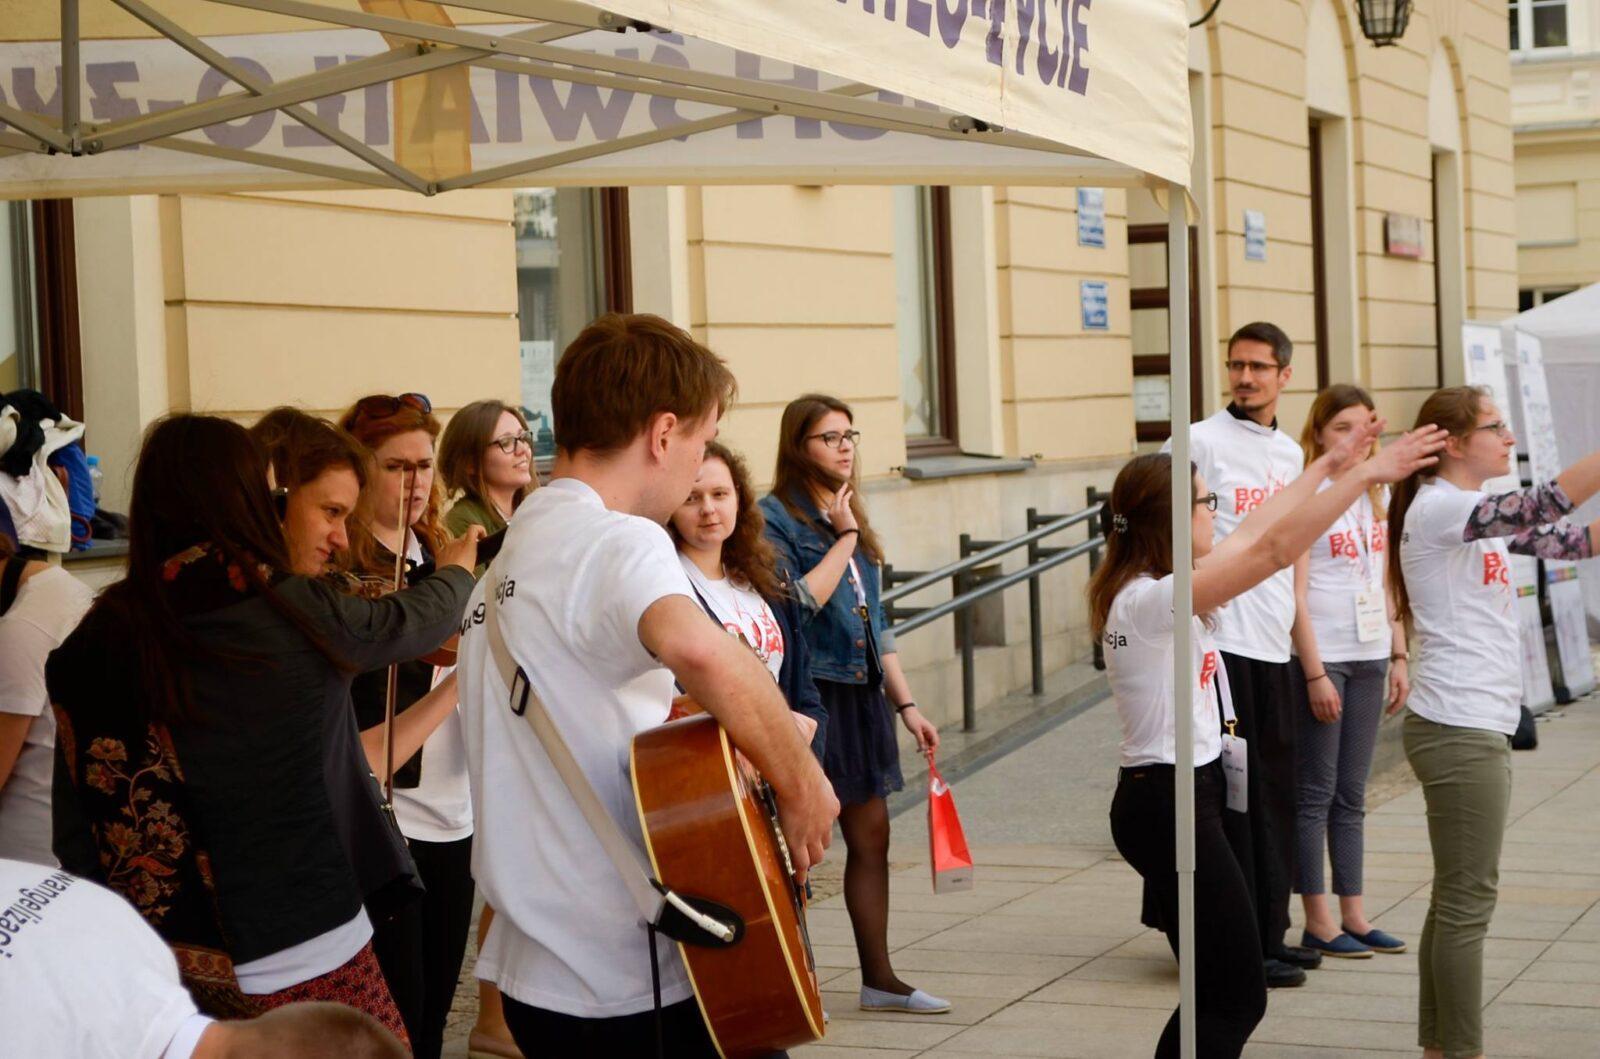 Ewangelizacja naJuwenaliach zespół gitara ksiądz muzyka studenci